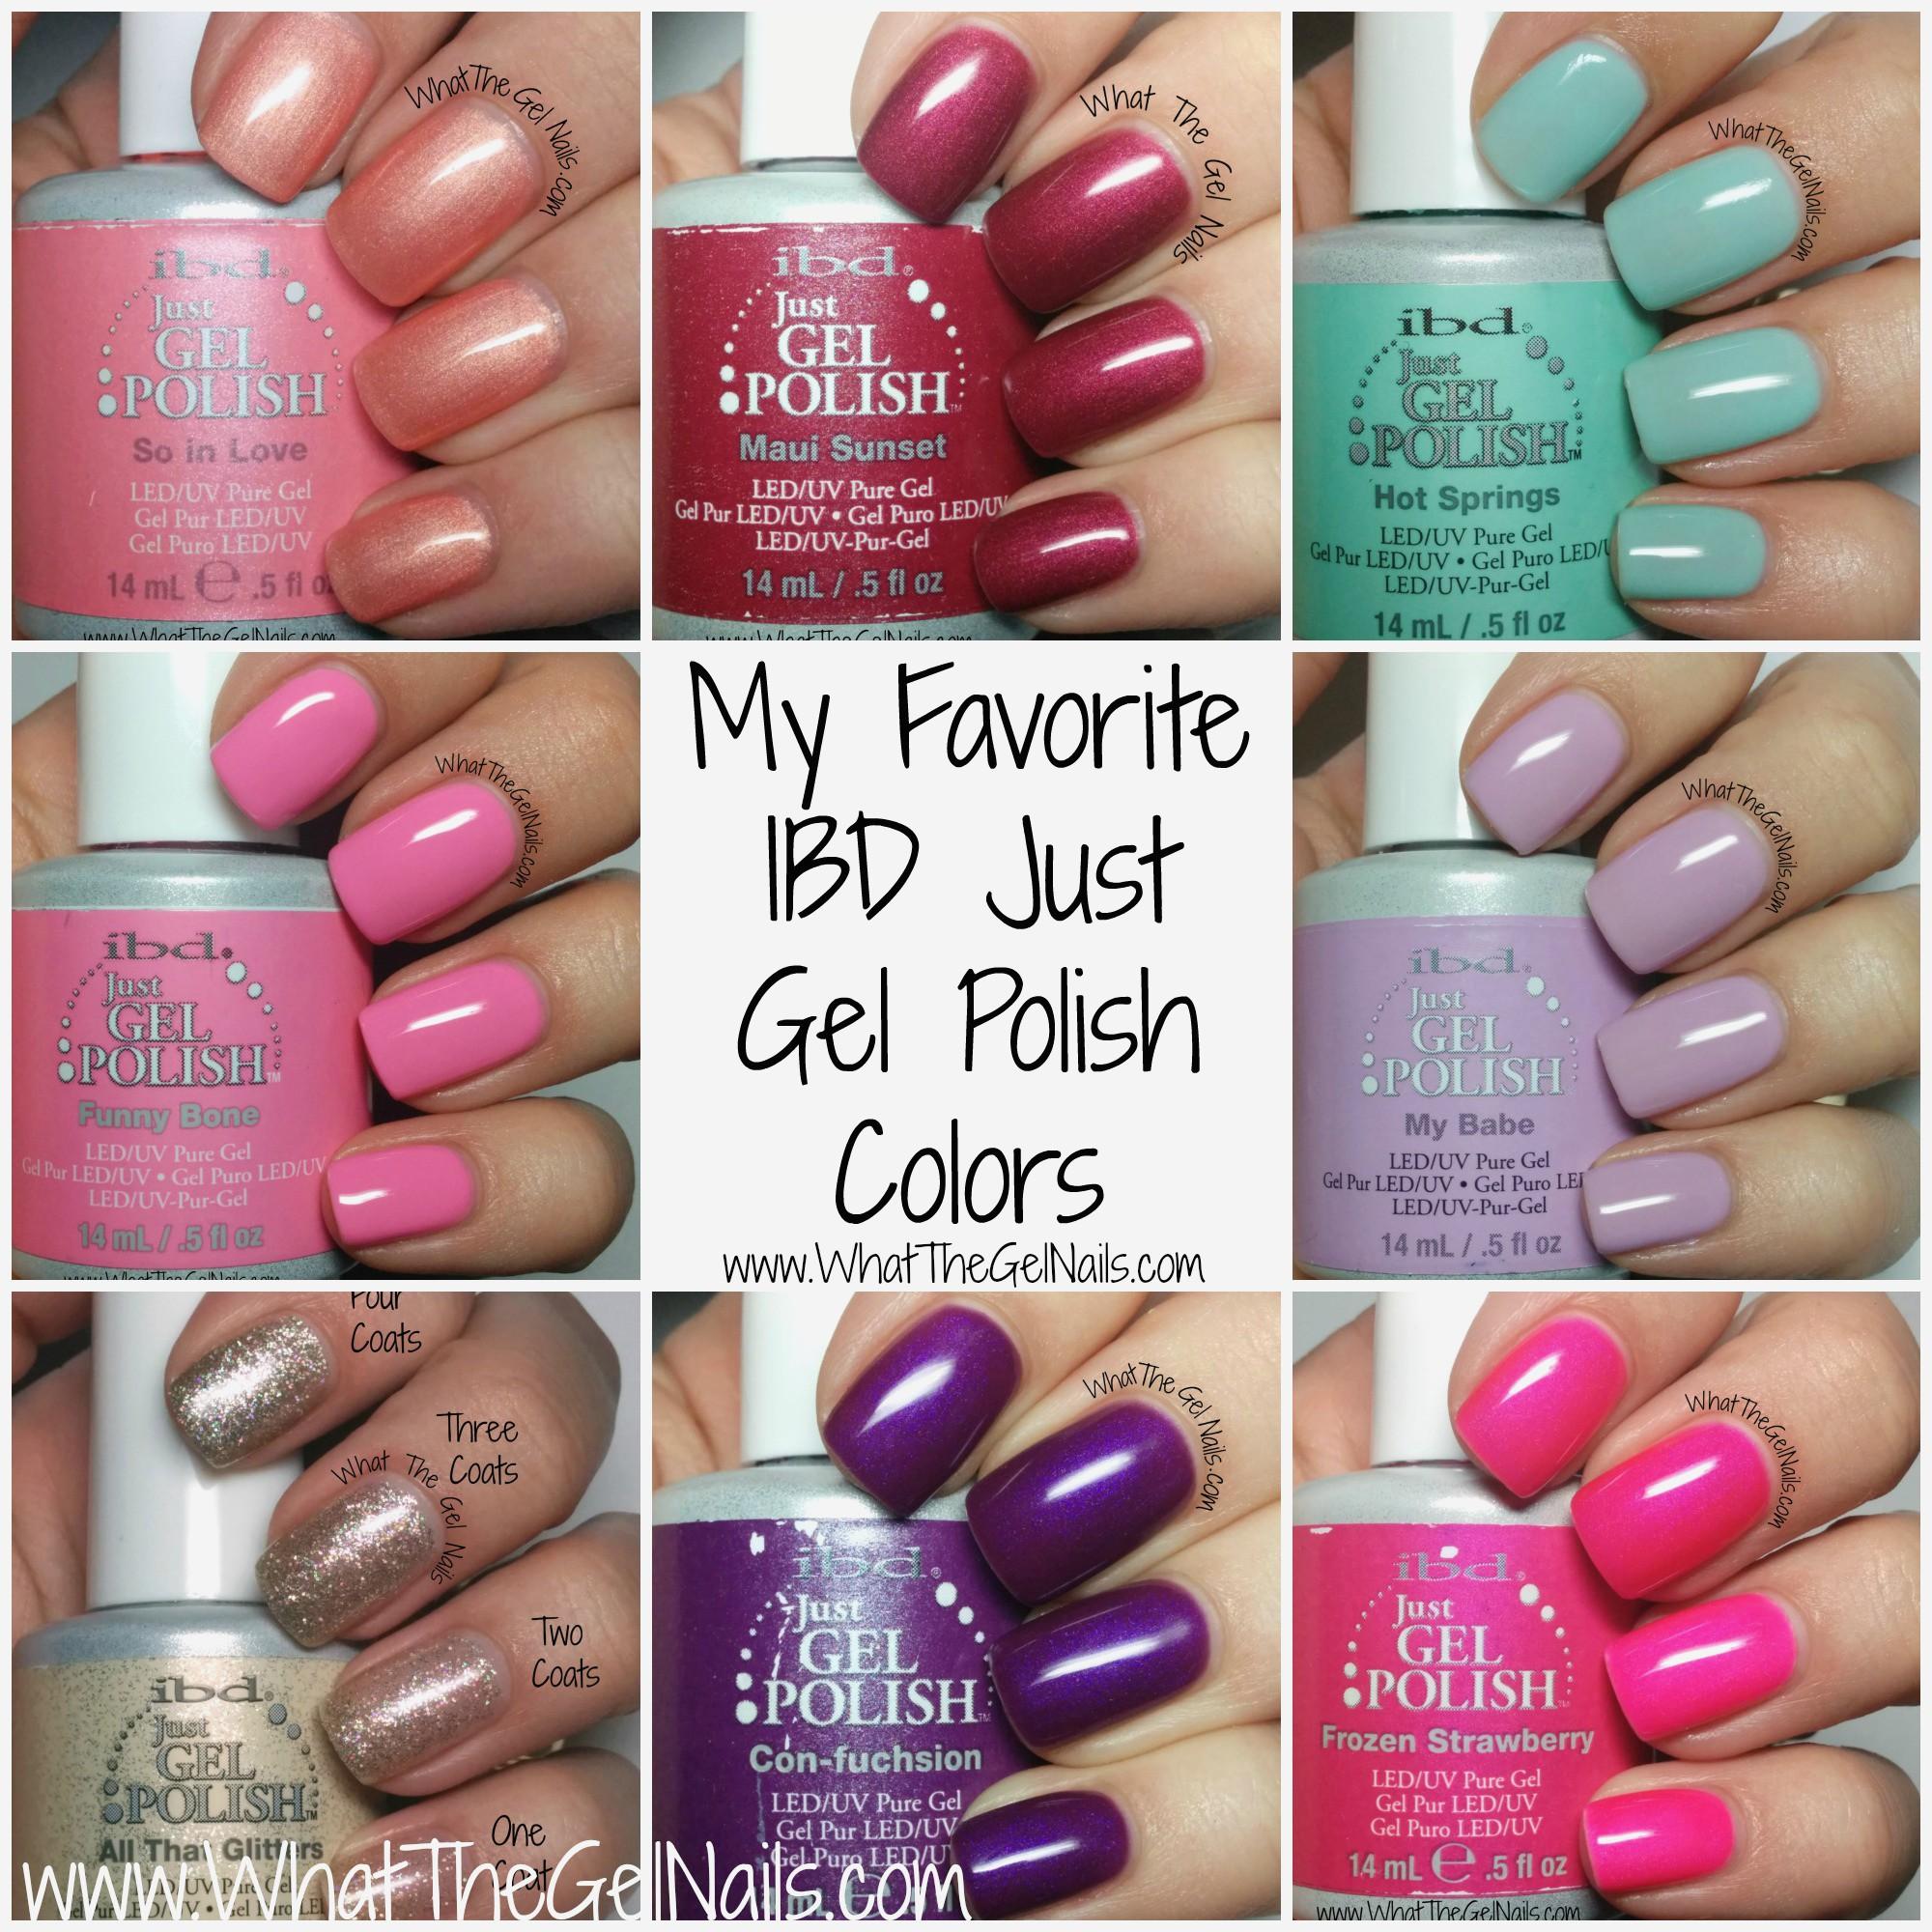 Popular Opi Nail Colors Spring 2018 15 Best Opi Nail Polish Shades